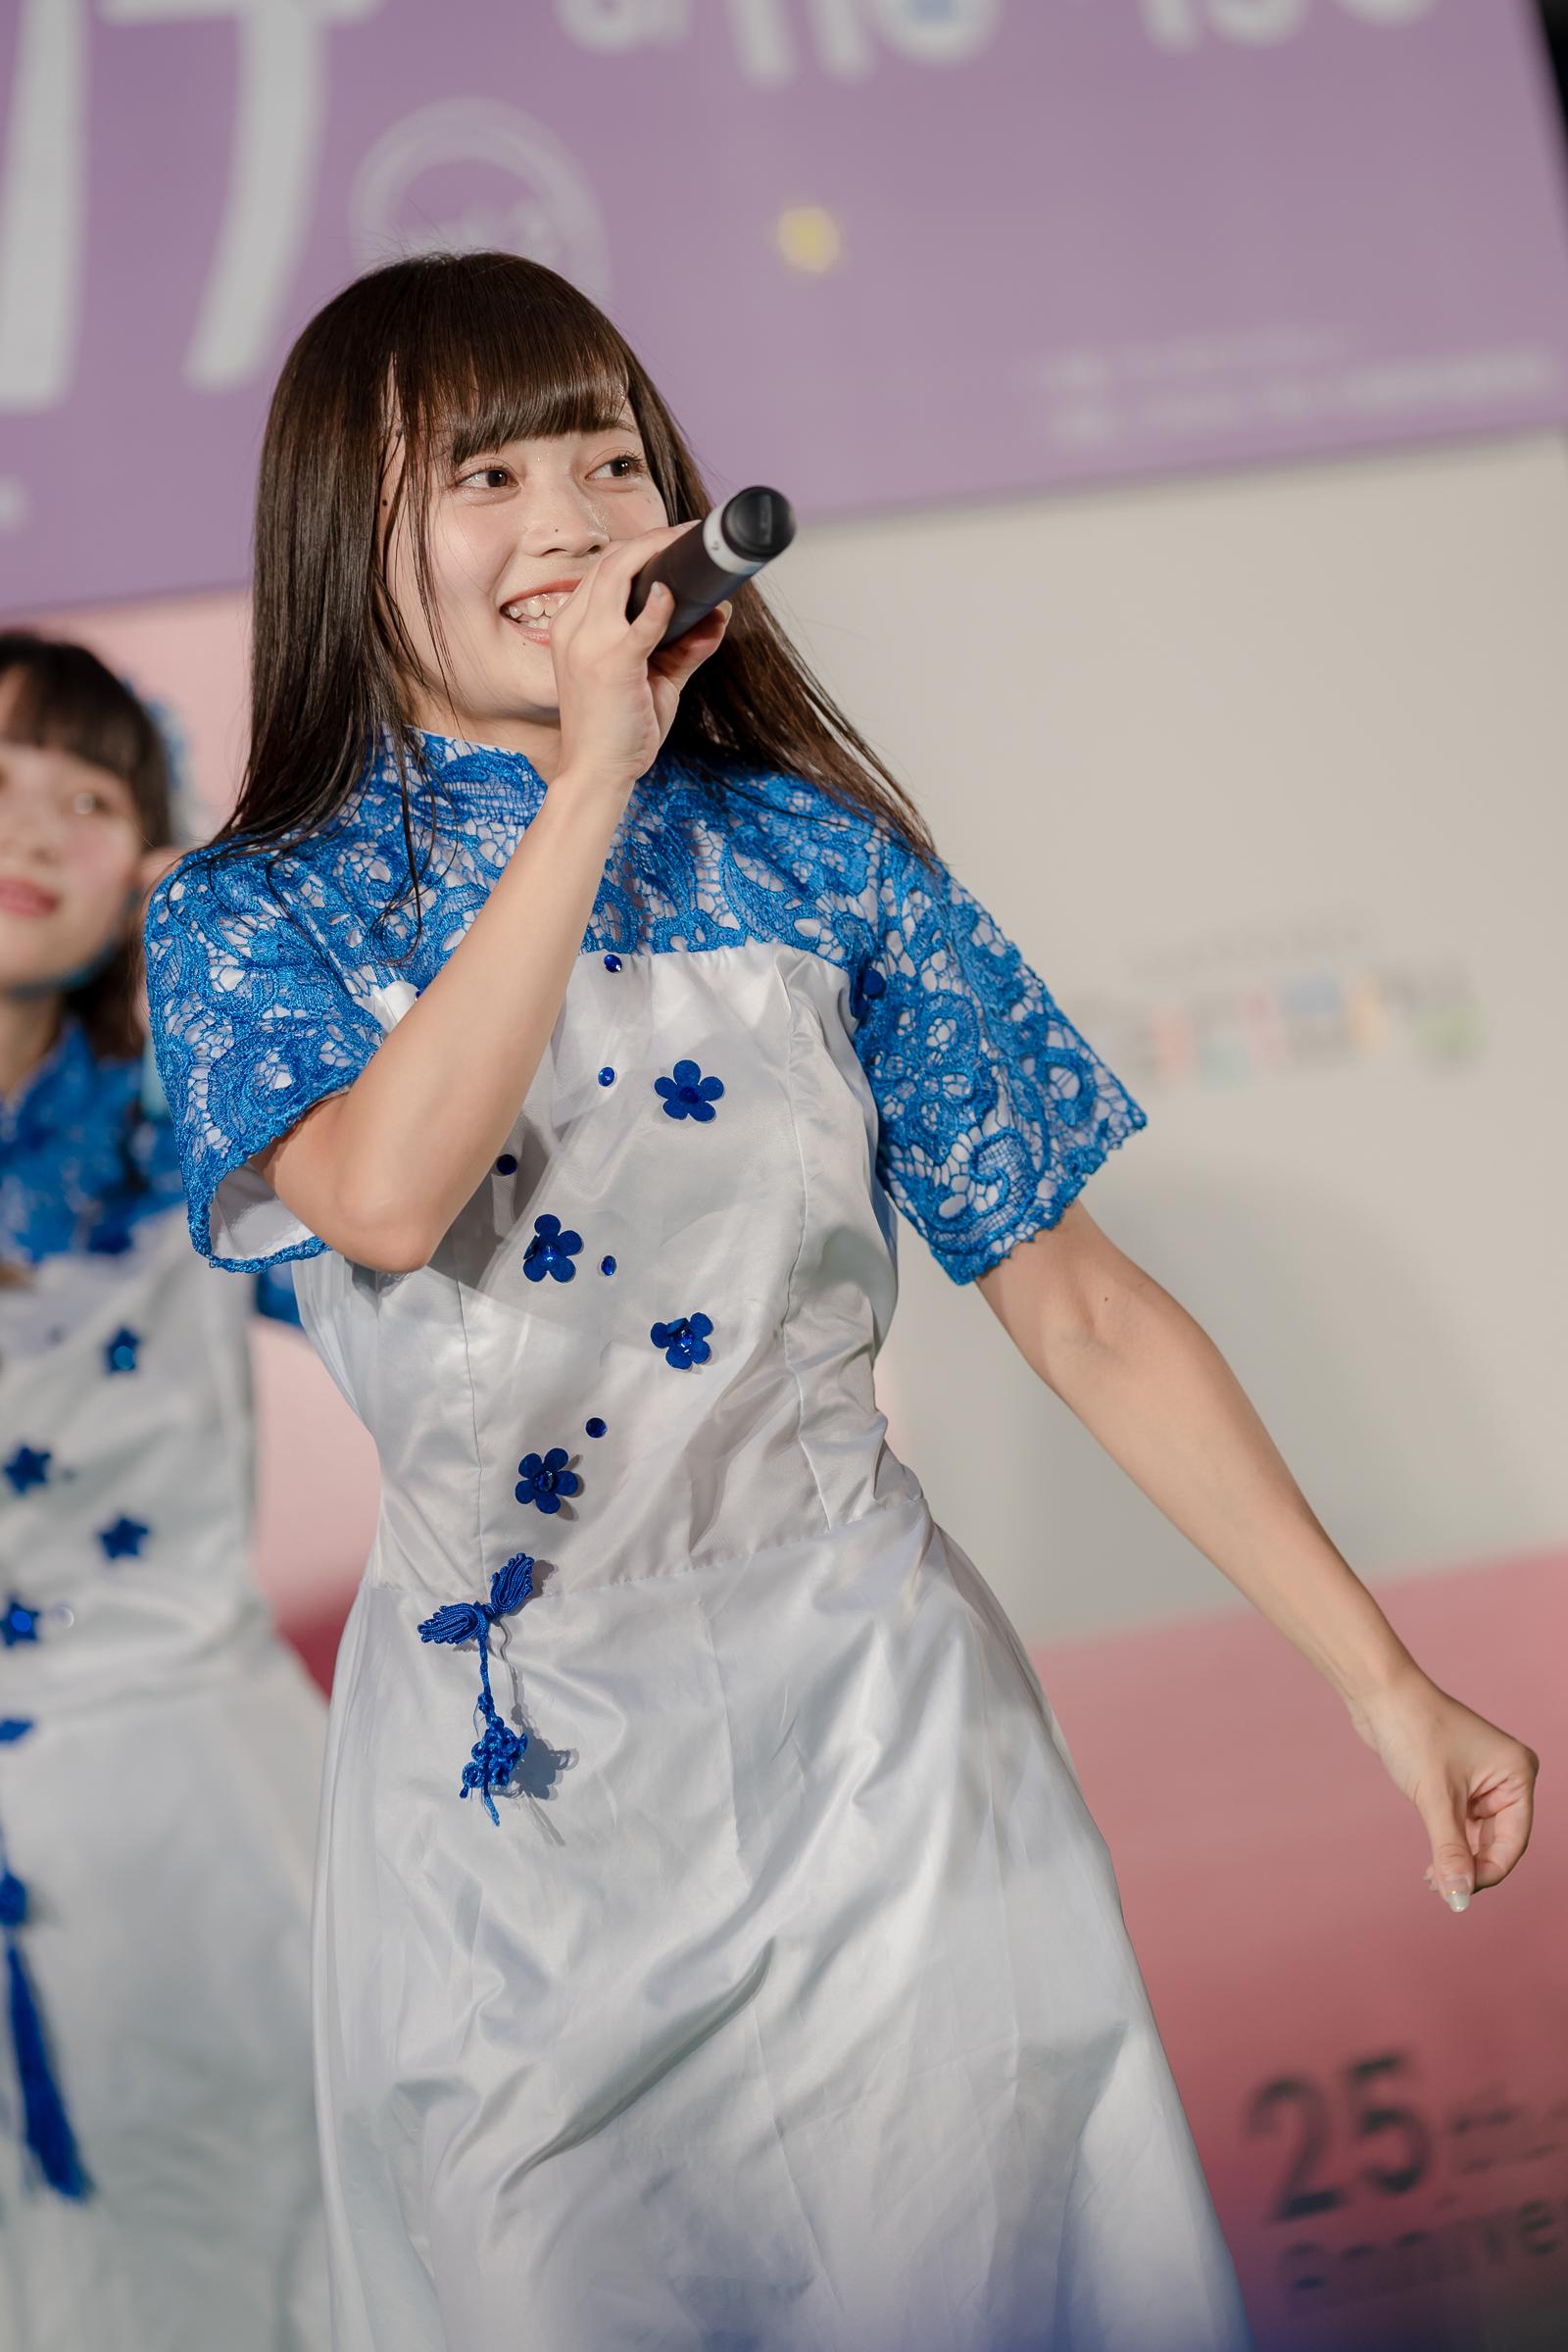 2代目HAPPY少女♪ ゆいな ( 宮崎ゆいな ) | サッポロファクトリーウイークデーライブ